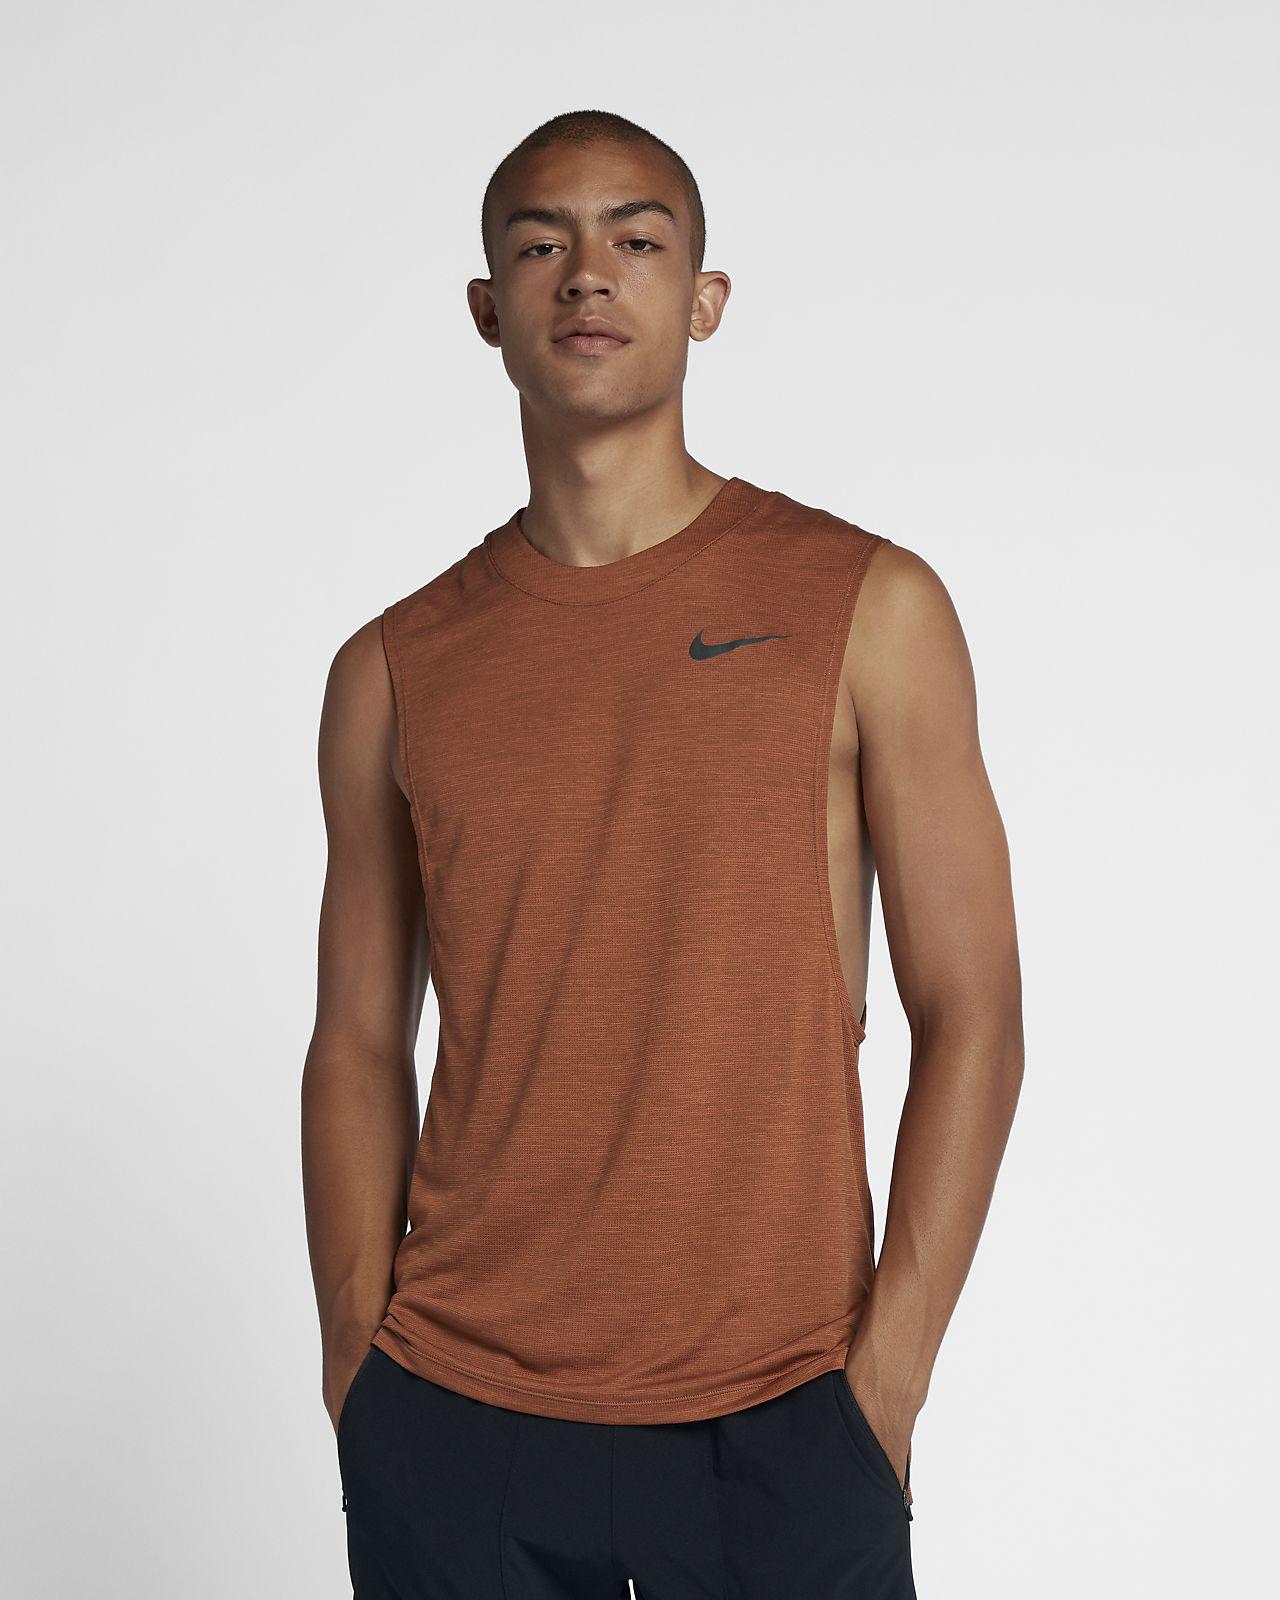 Ανδρική αμάνικη μπλούζα για τρέξιμο Nike Medalist Run Division